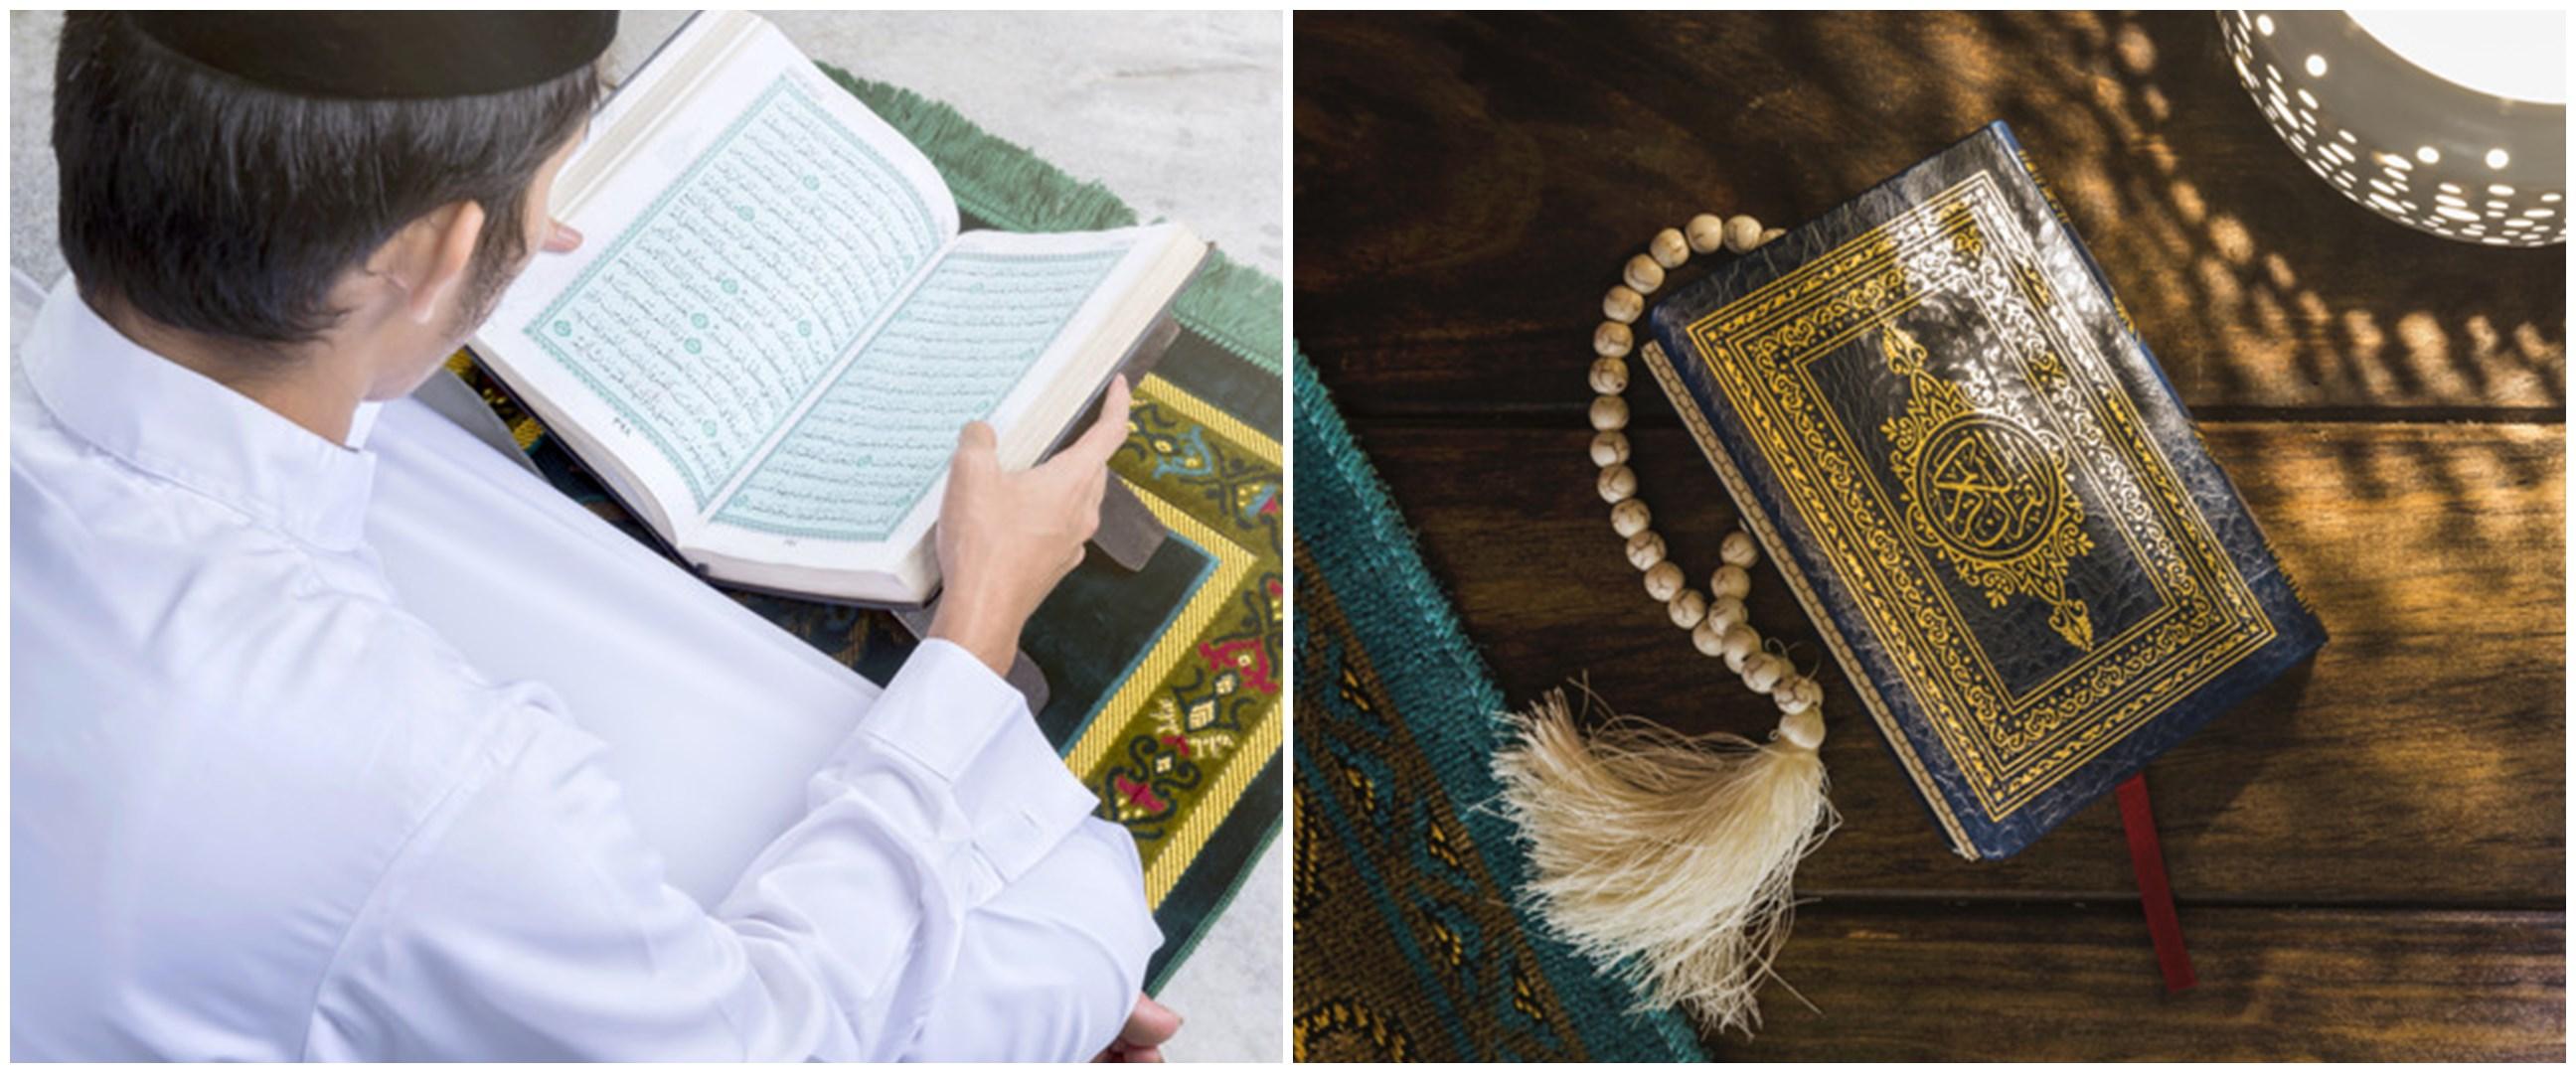 Doa khatam Alquran di bulan Ramadhan, beserta arti & keutamaannya